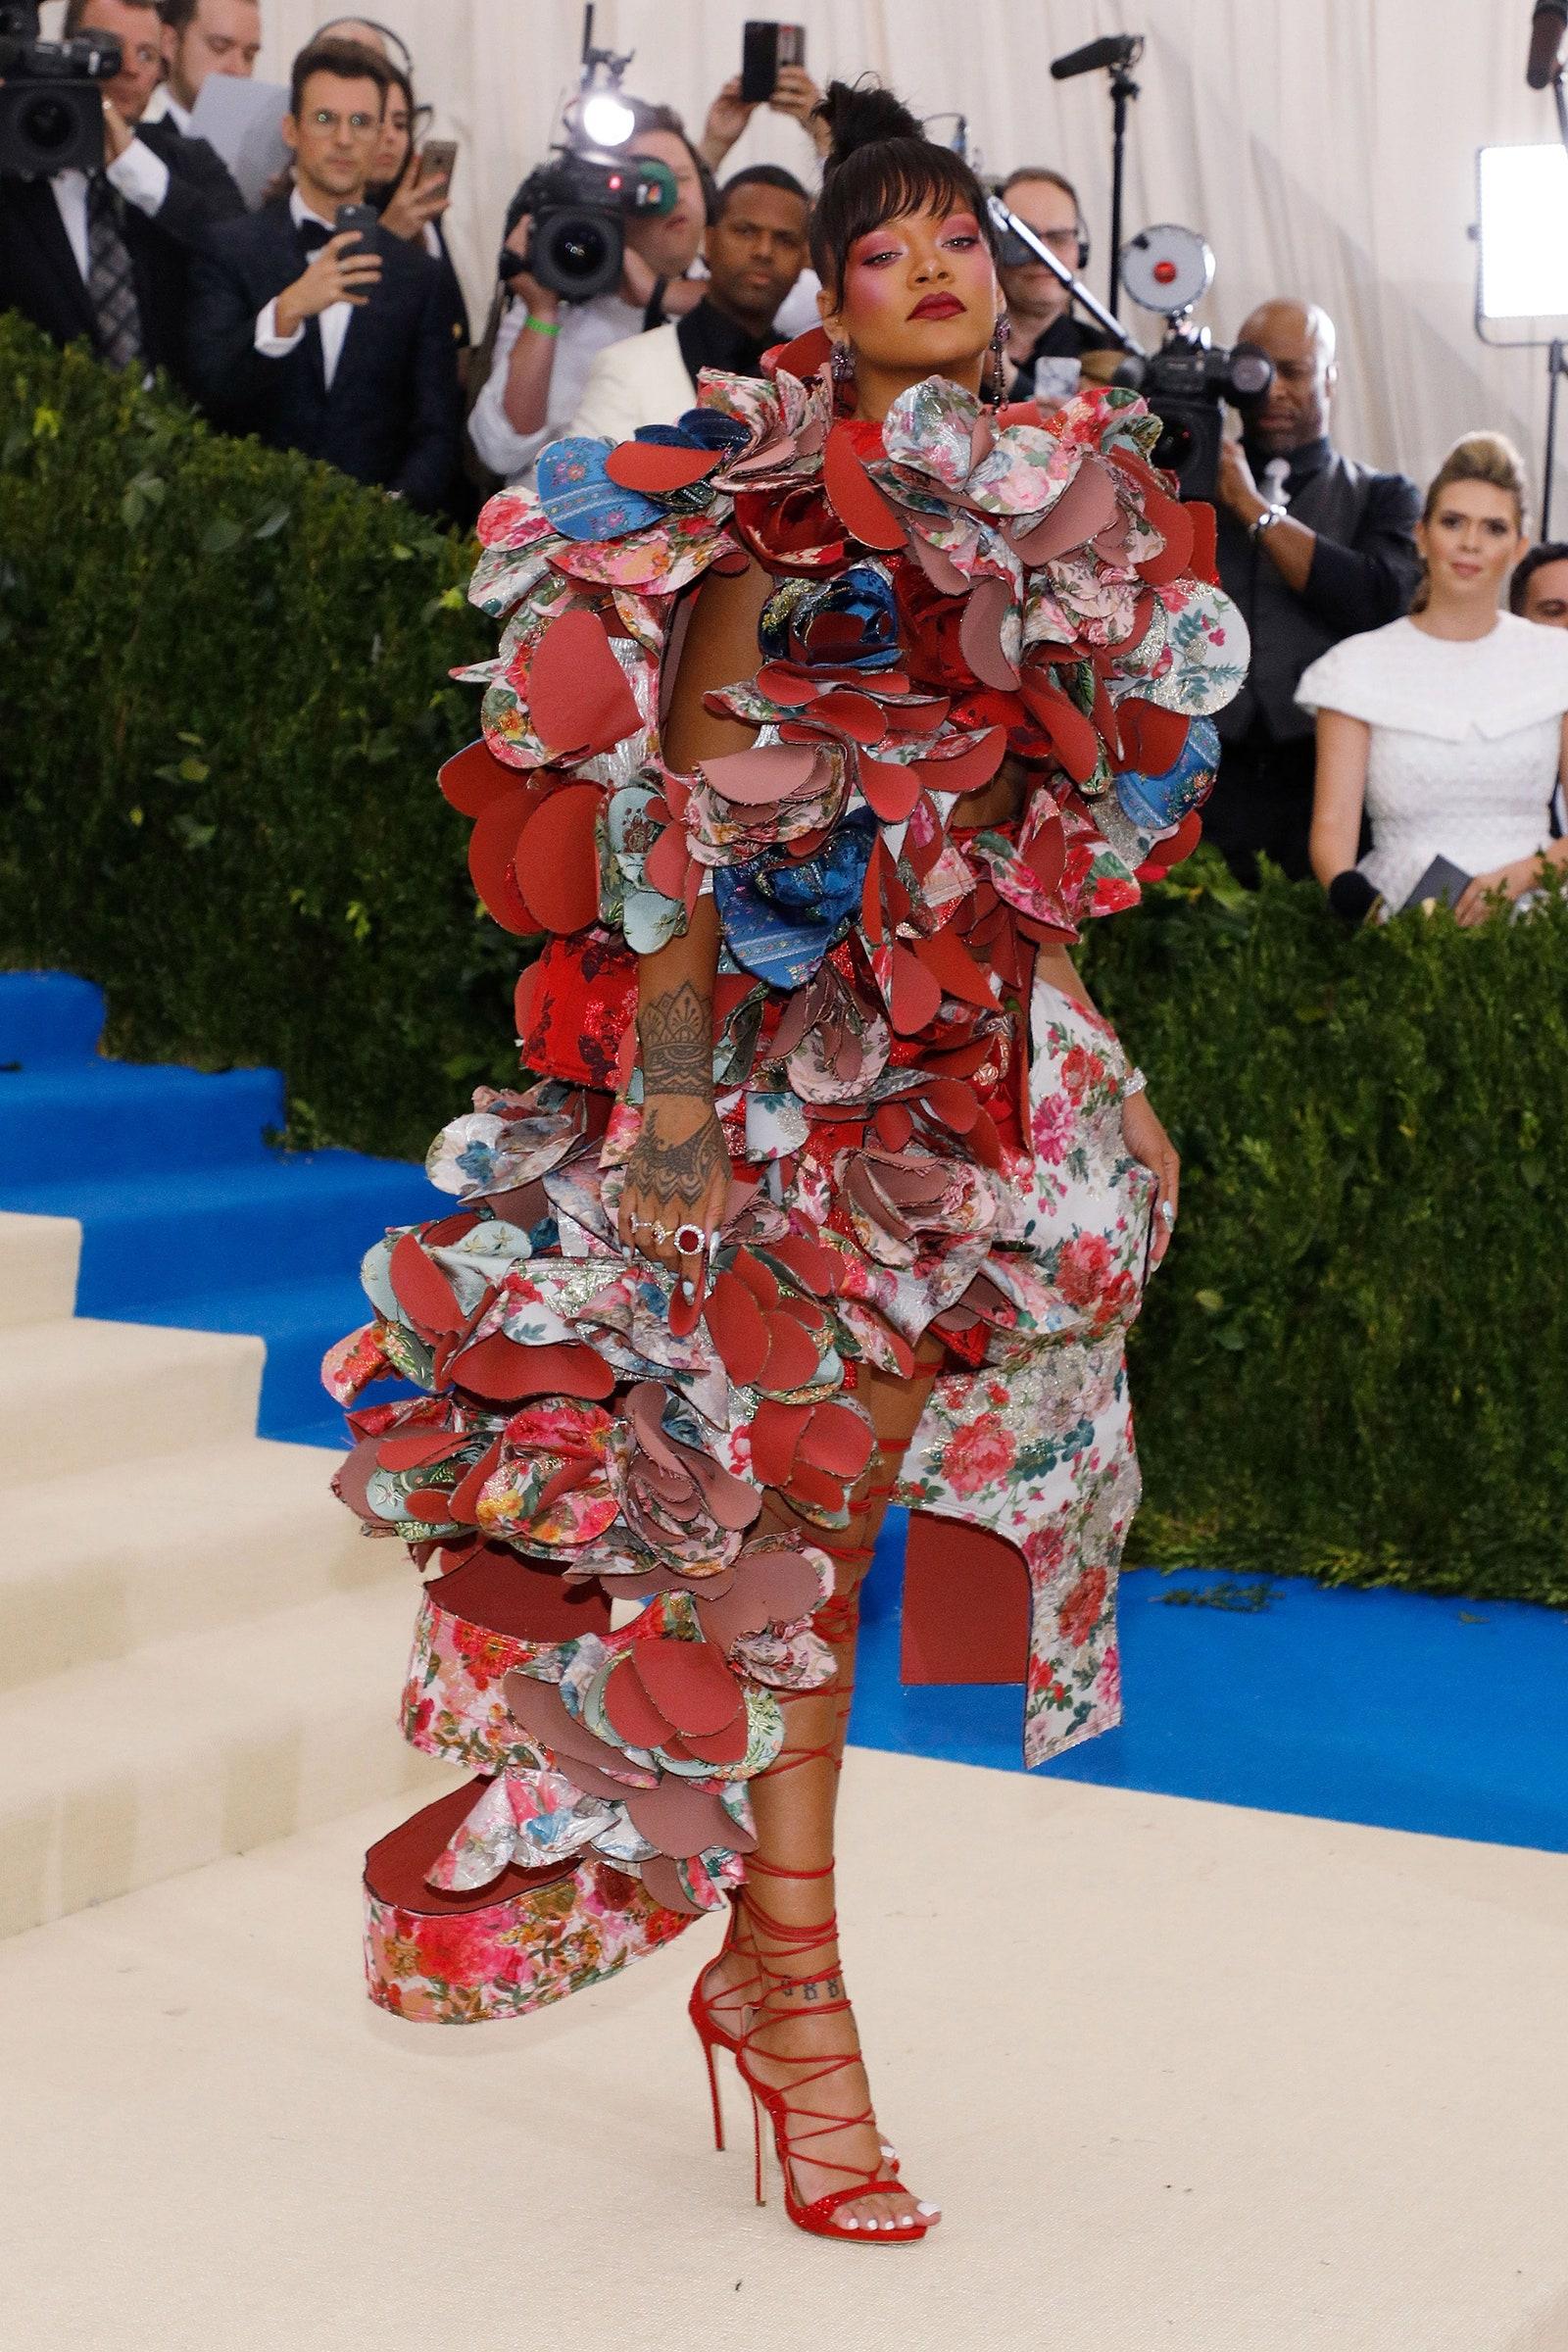 Erősen a jelmezbáli stílus felé hajlik Rihanna ruhája, de az biztos, emlékezetes.<br /><br />RIHANNA<br />Comme Des Garcons, 2017<br />